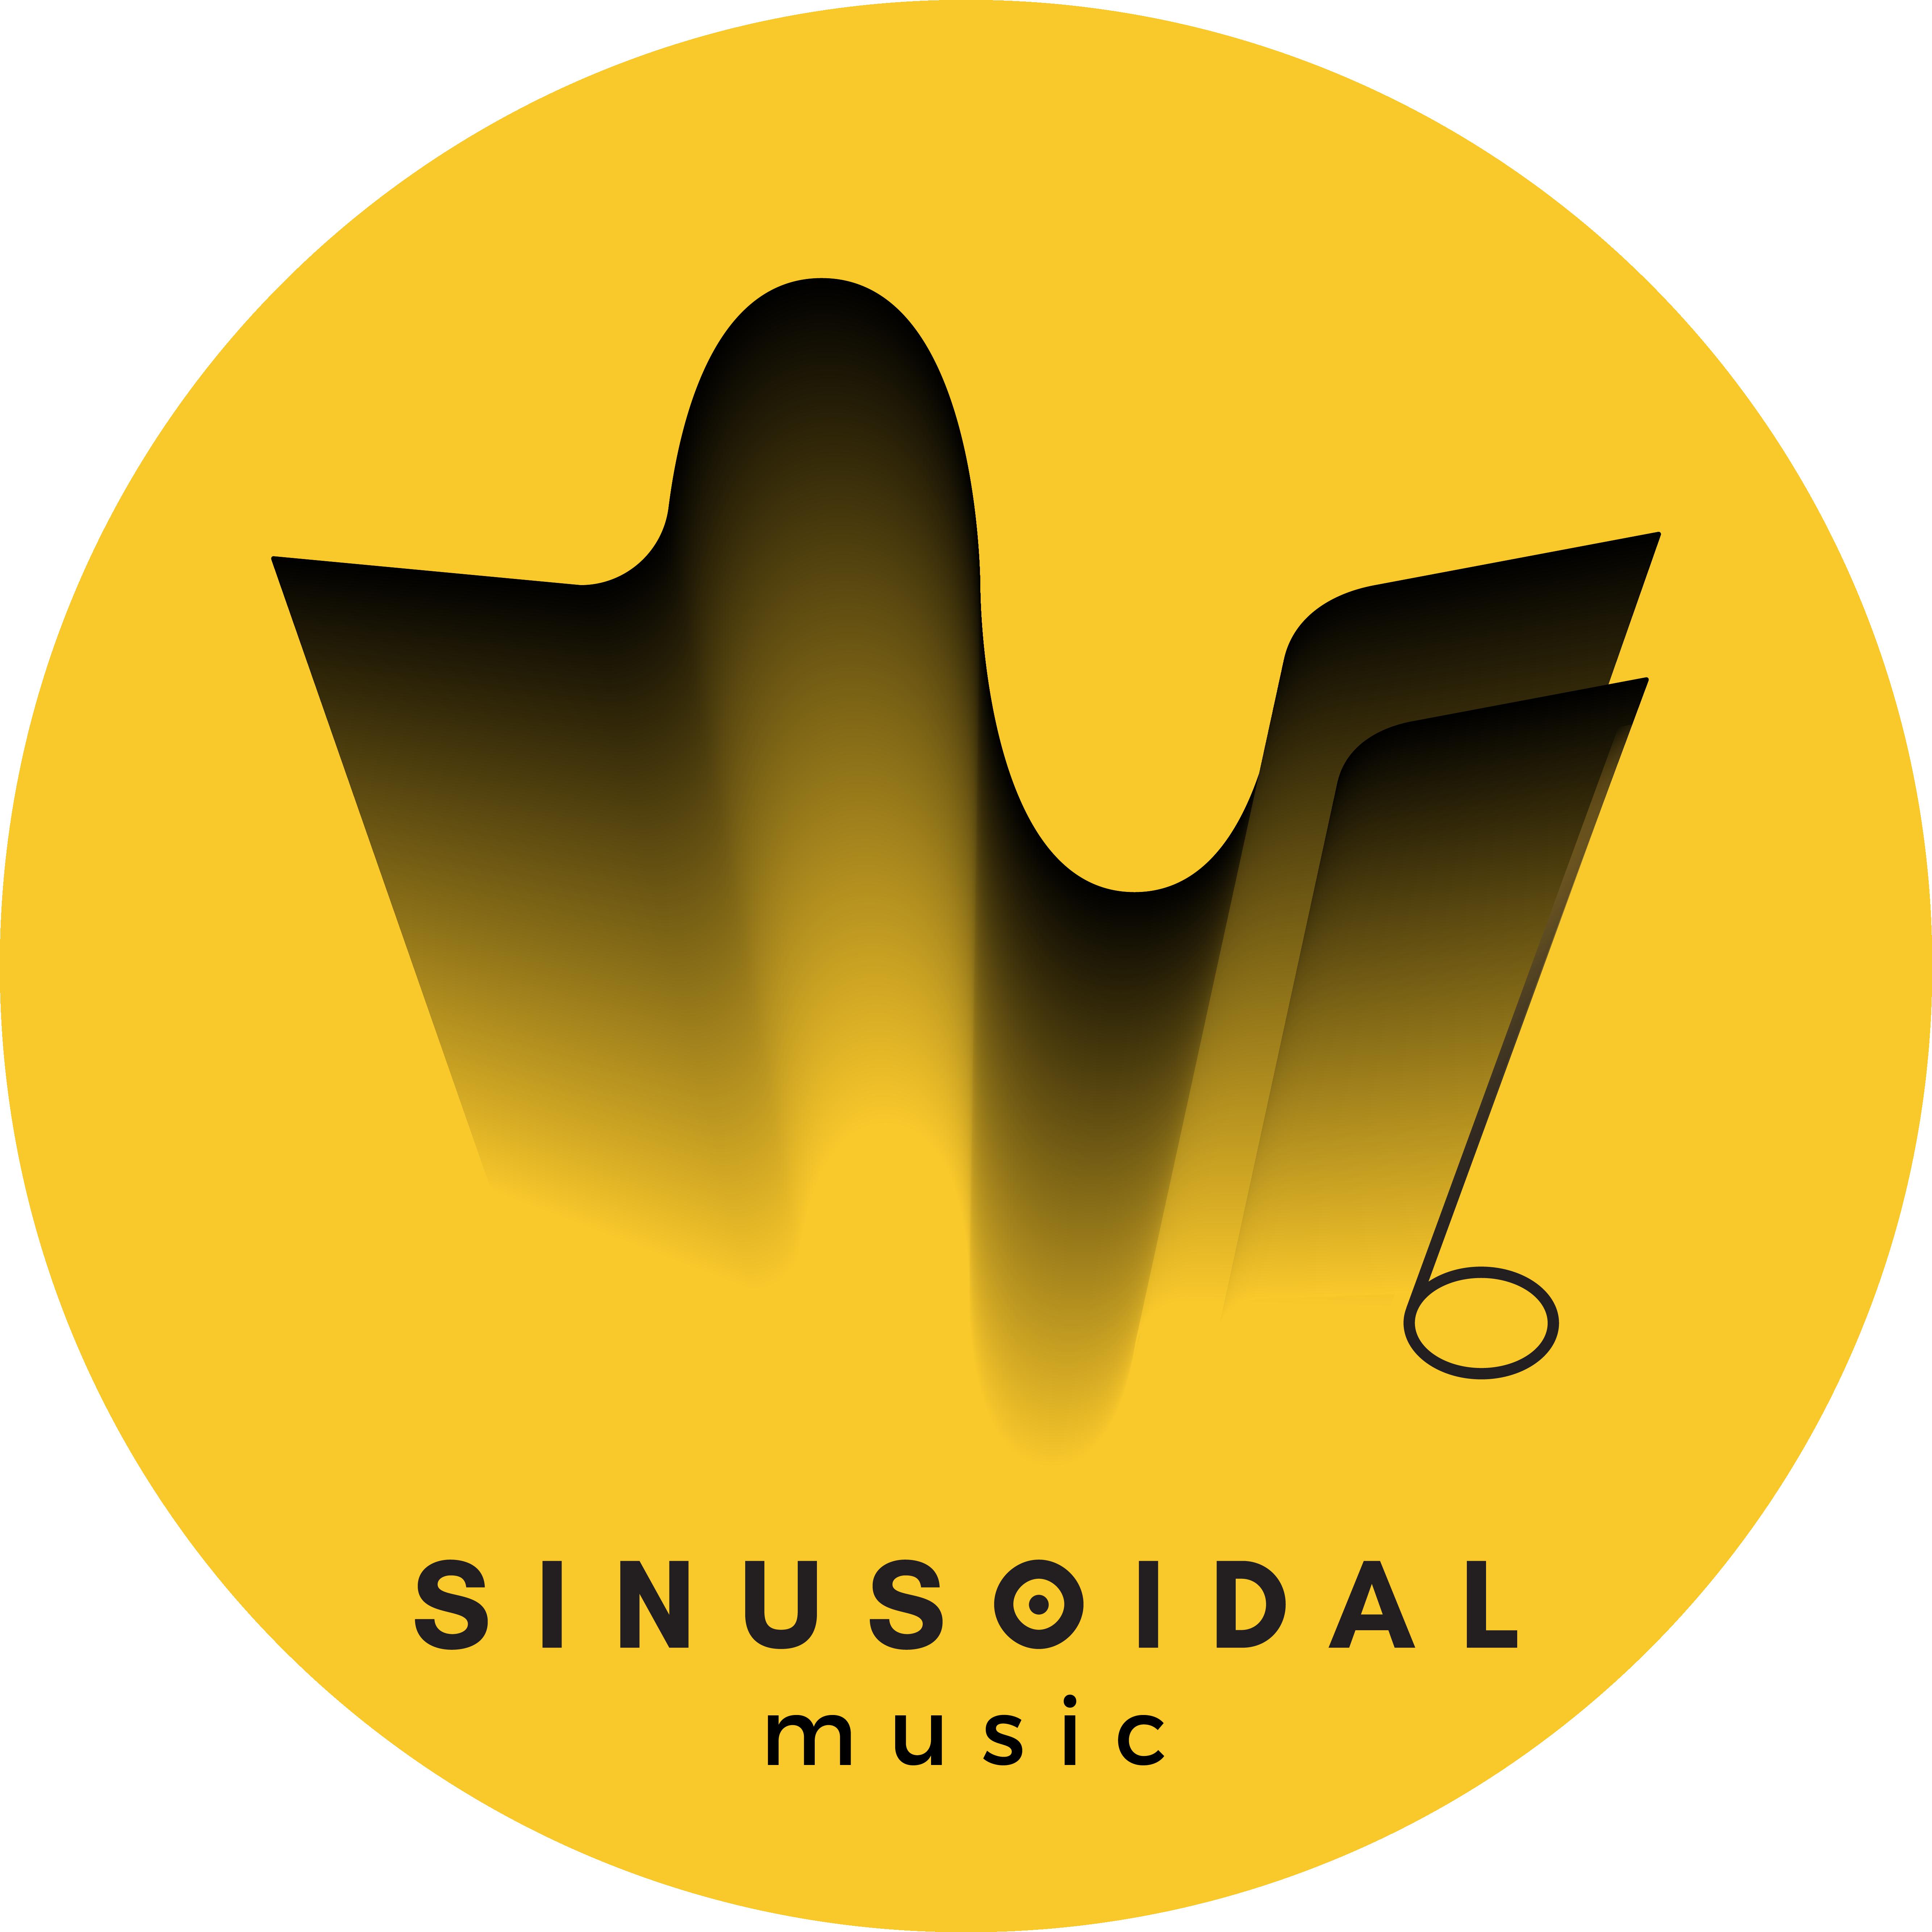 Sinusoidal music logo